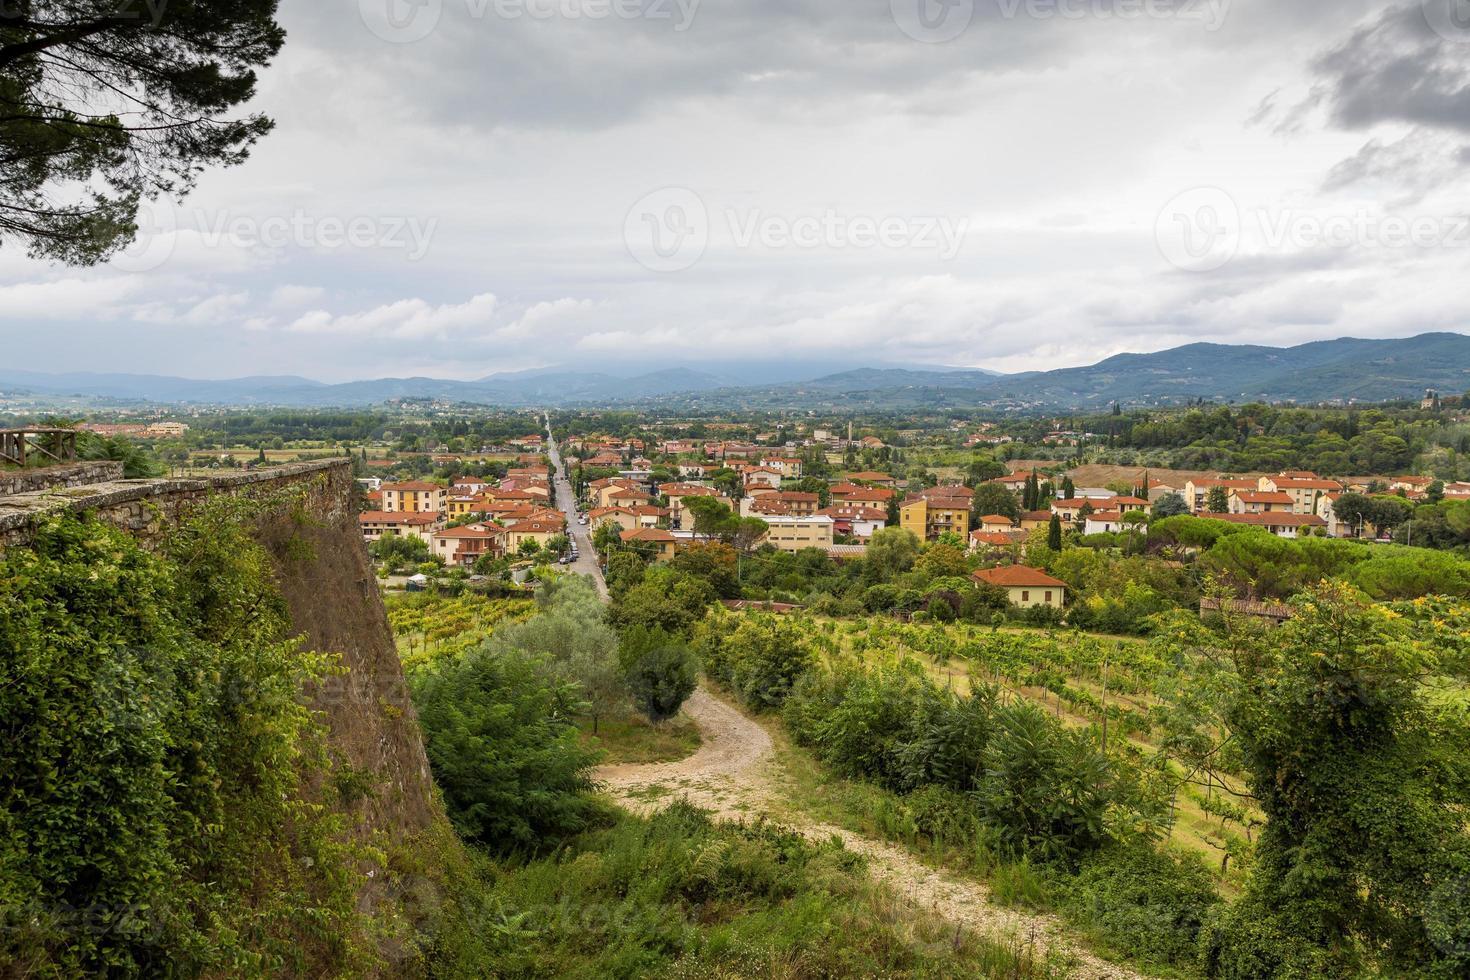 città medievale arezzo, toscana, italia foto